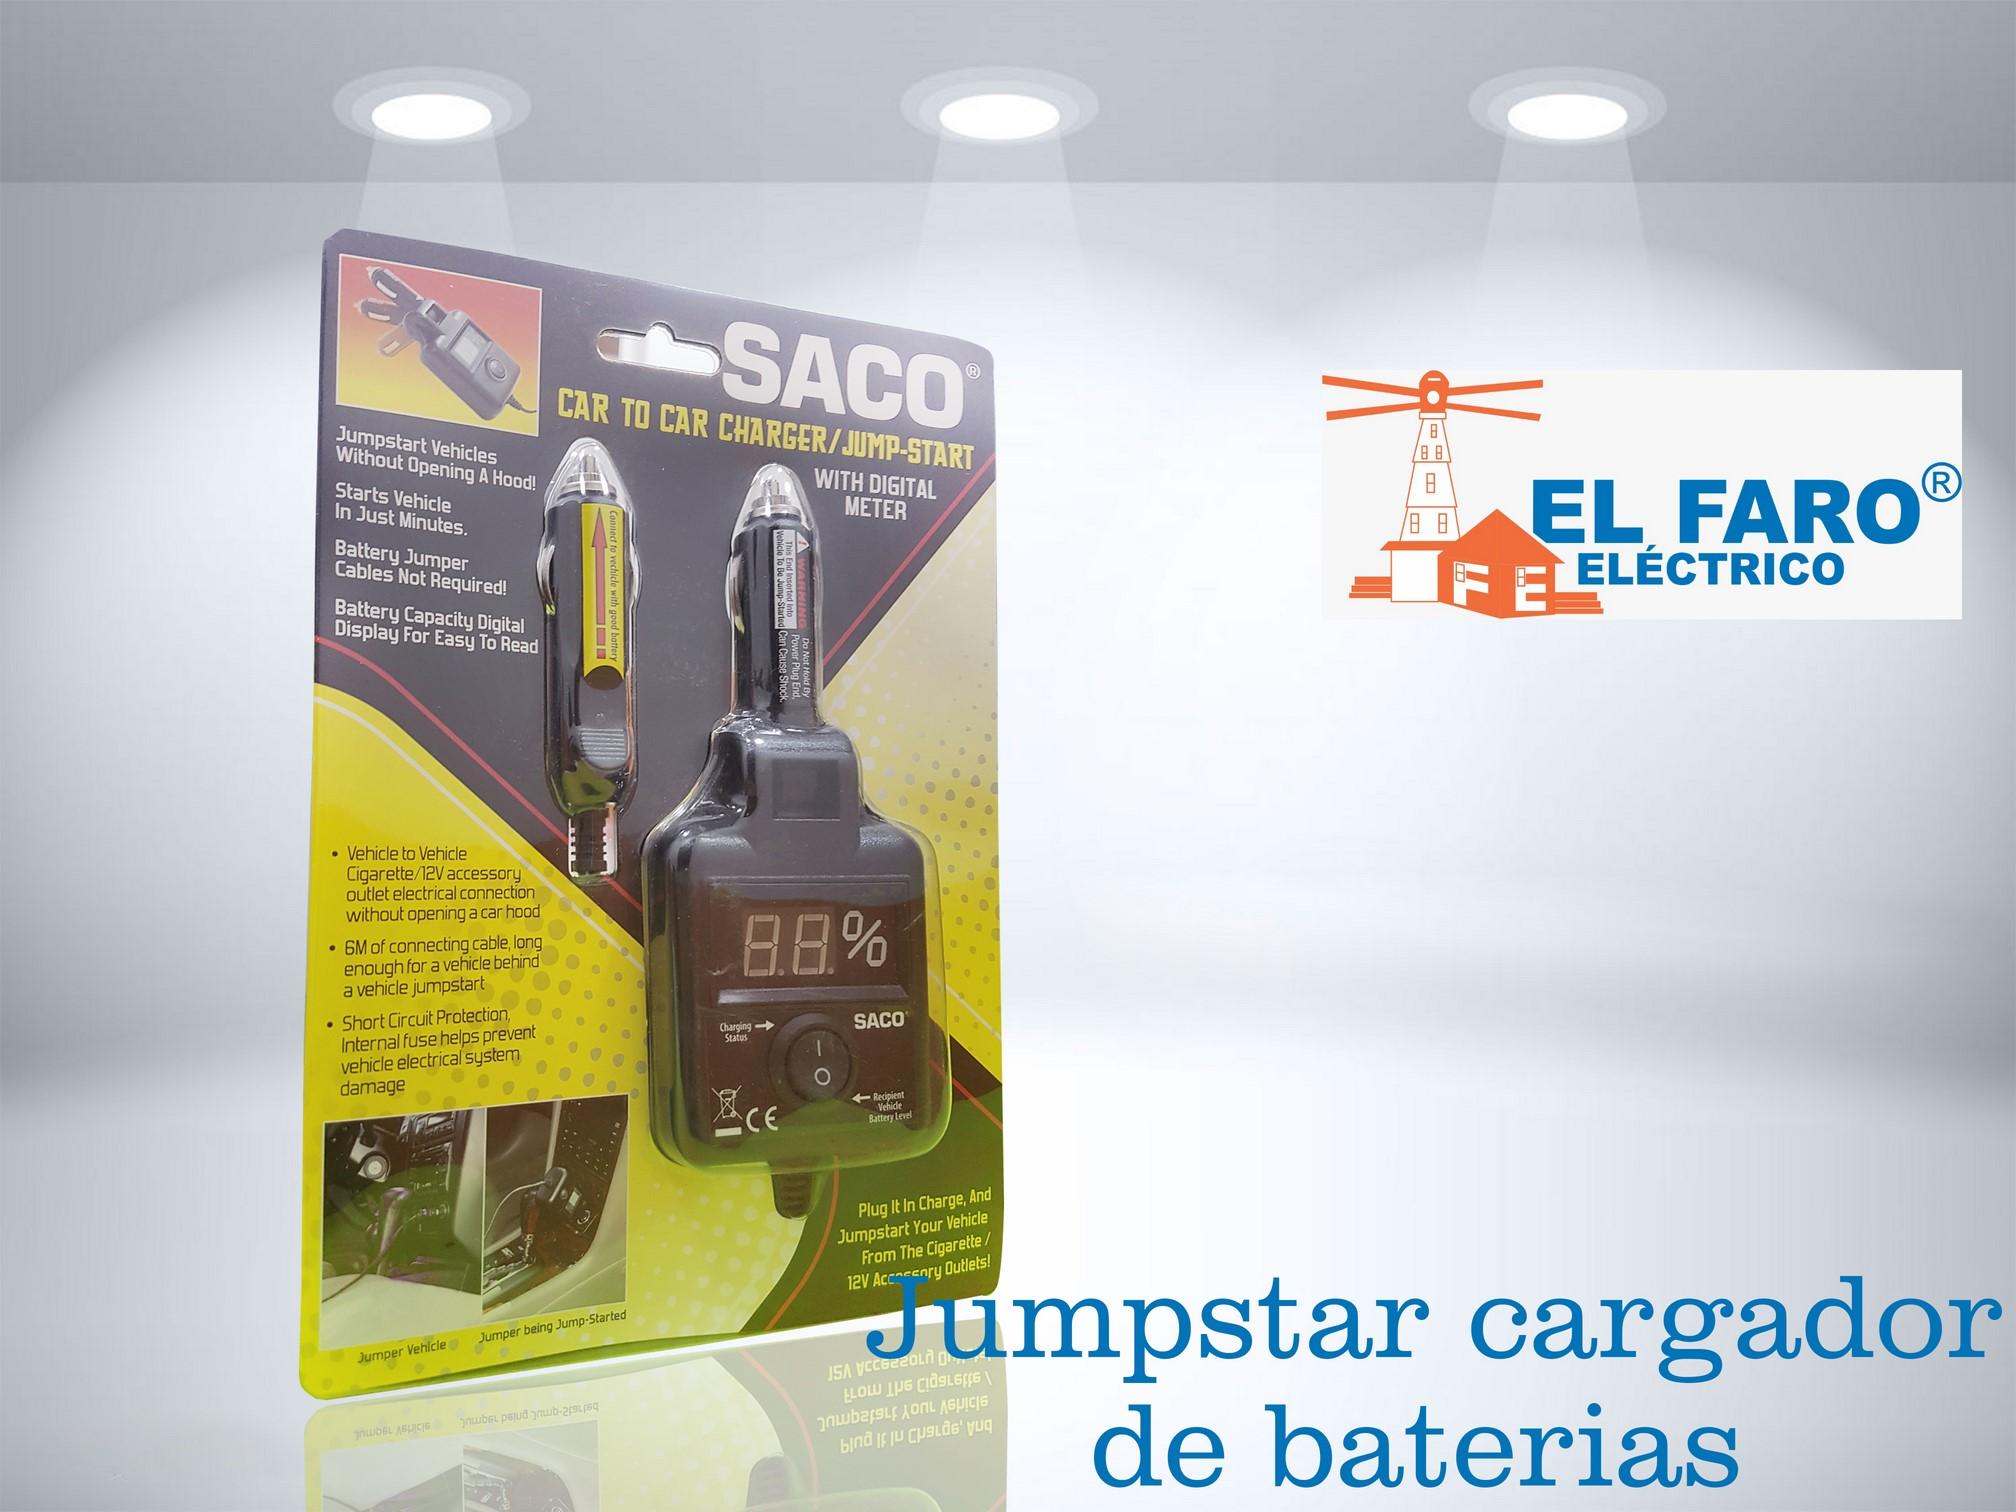 Jumpstar cargador de baterías